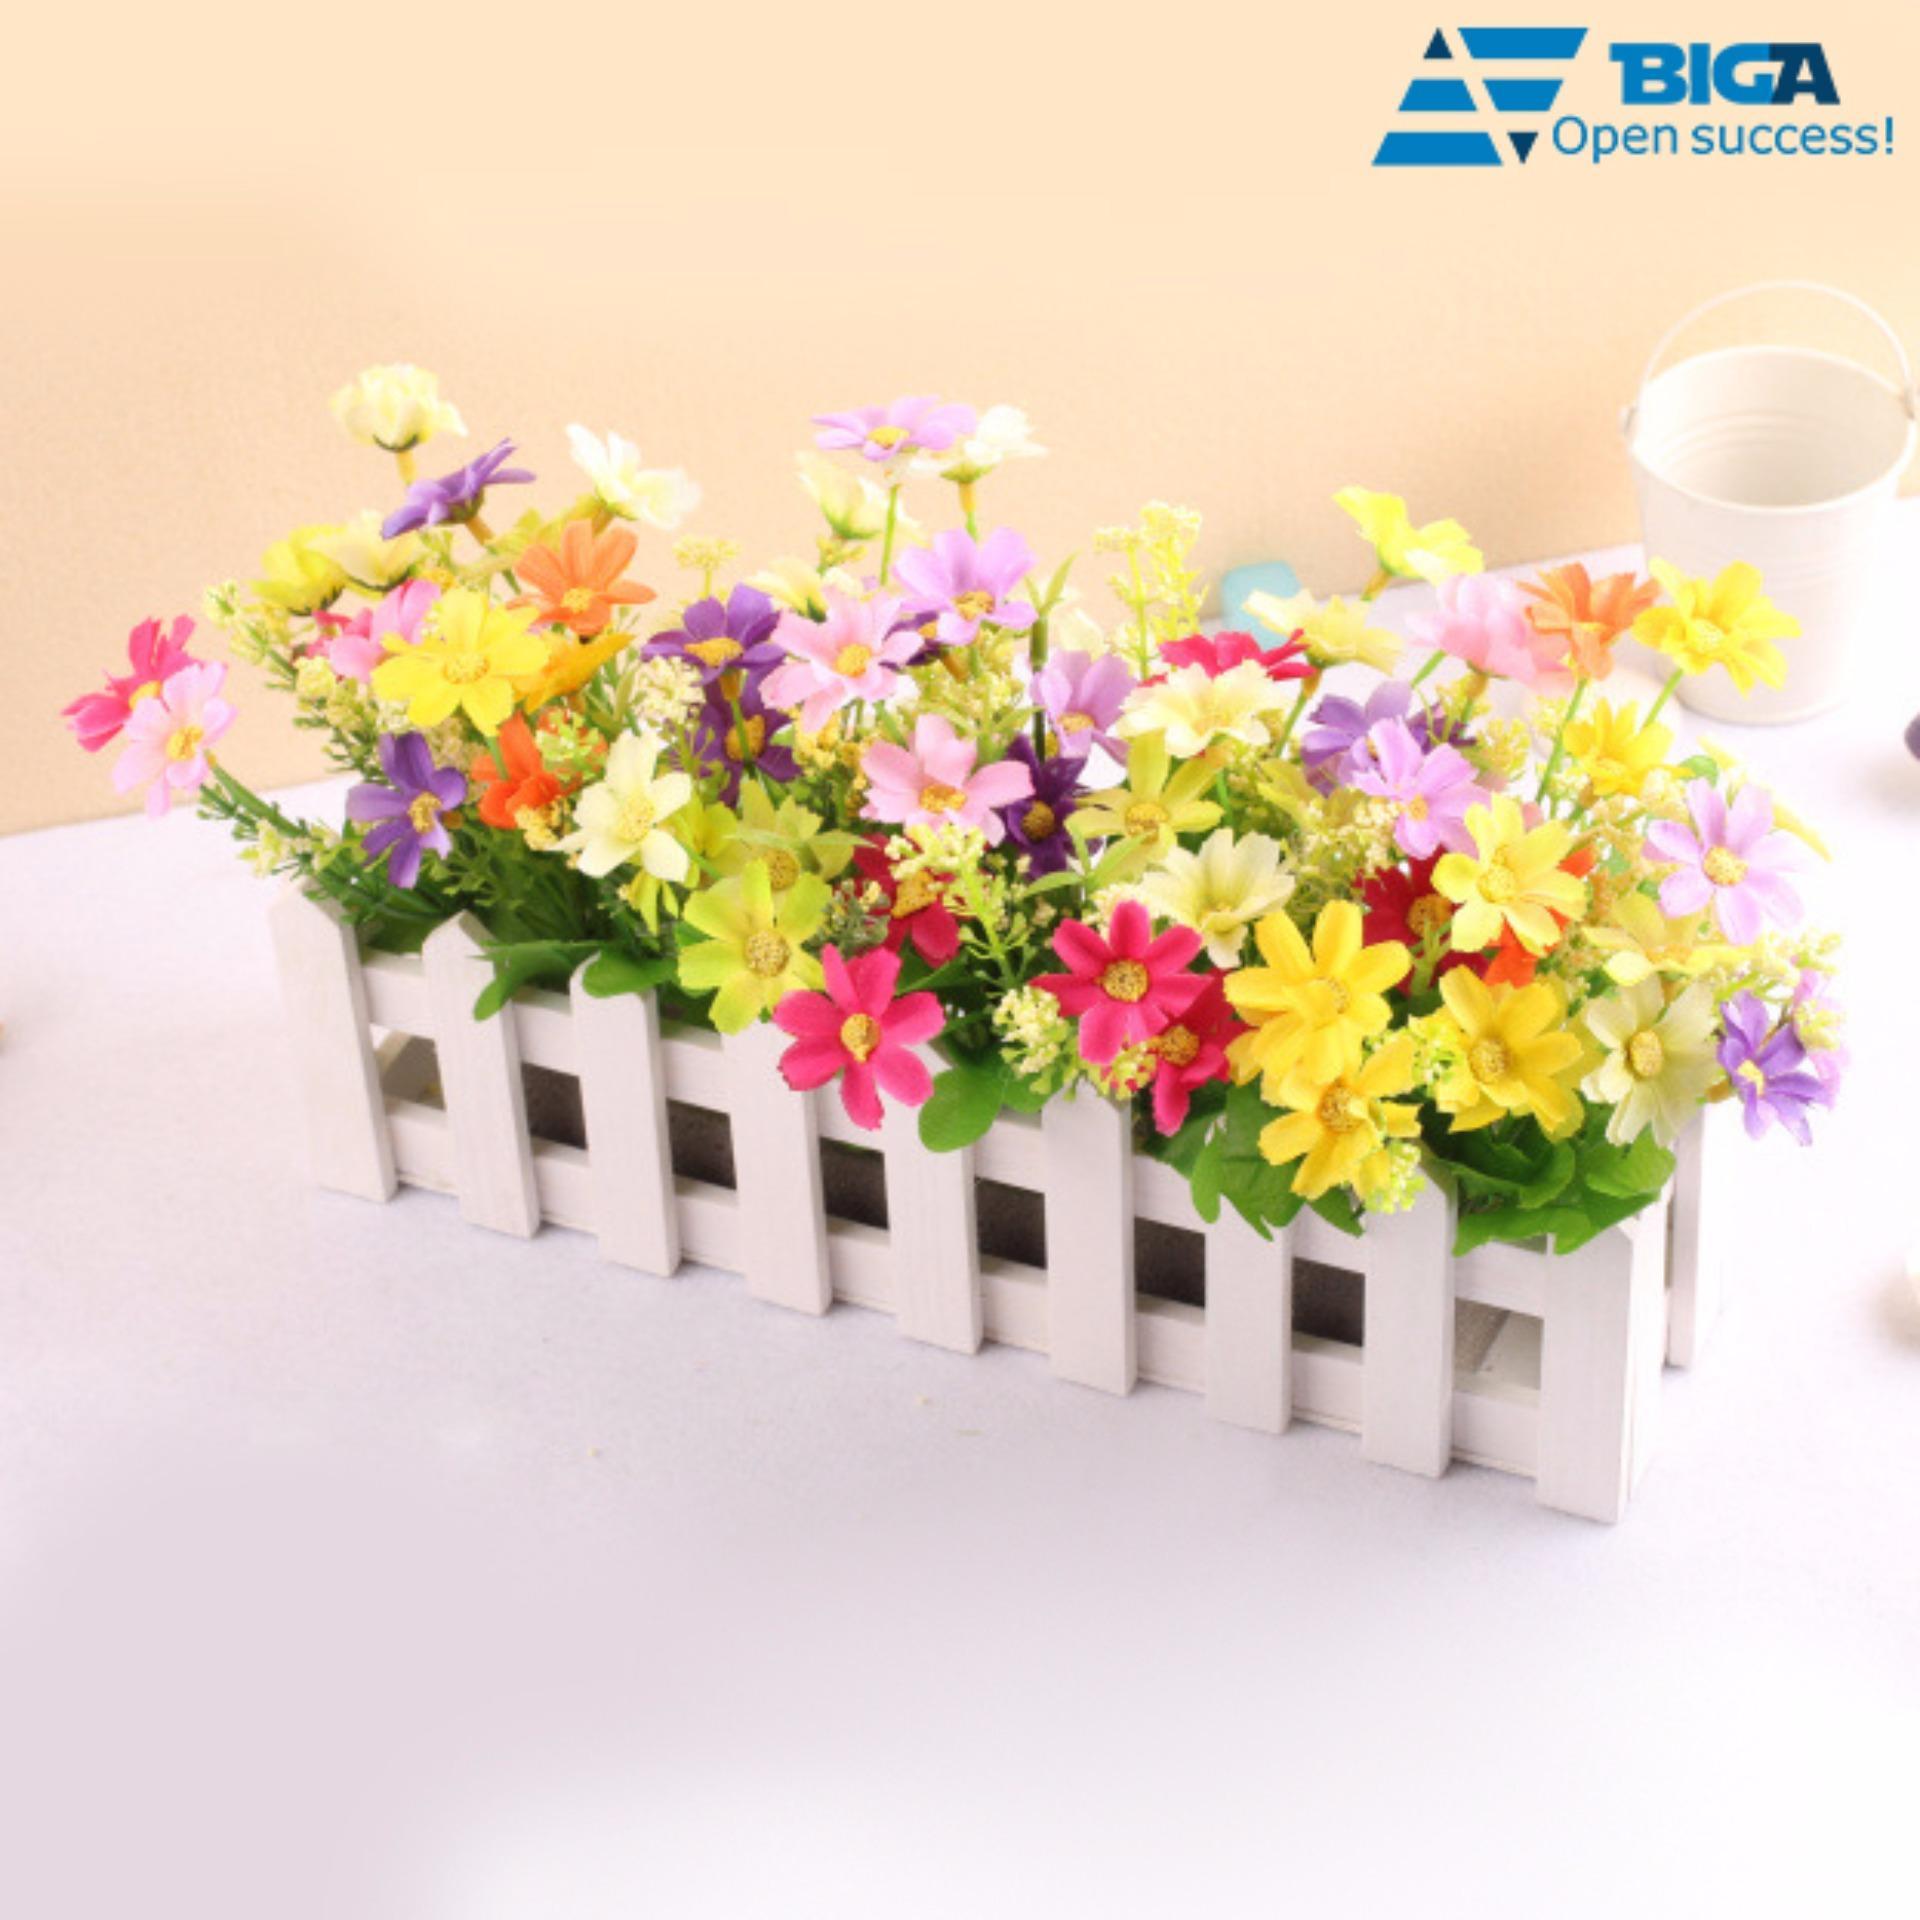 Hàng Rào Hoa Cỏ Mùa Xuân 30cm Trang Trí Bàn Phòng Khách Décor US04819 (Màu Sắc Ngẫu Nhiên)